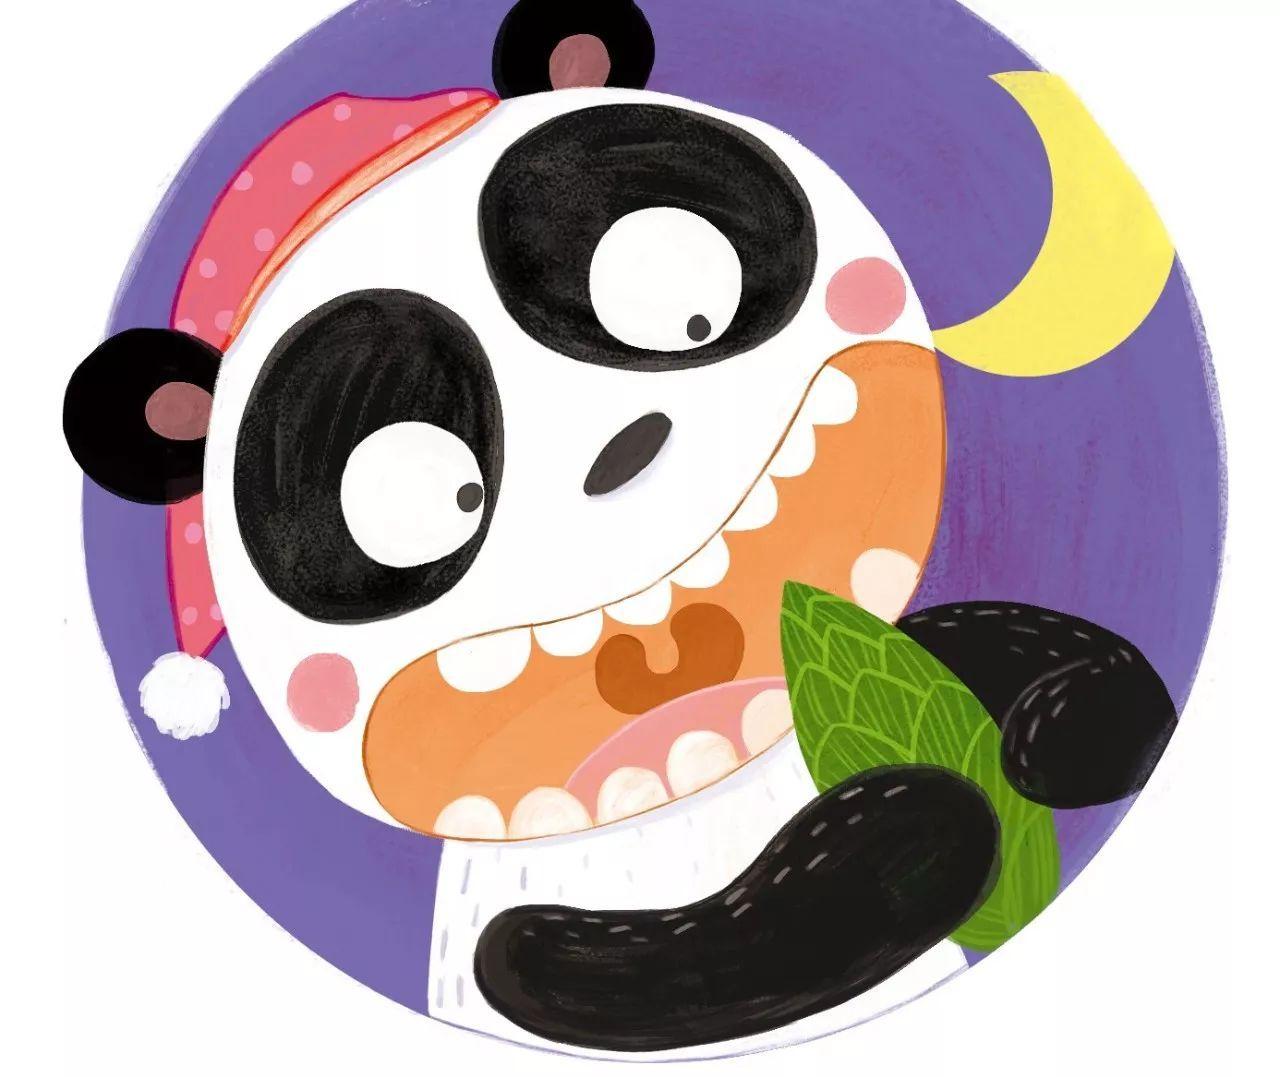 我和大熊猫一样喜欢吃竹子,但是我偶尔也会吃点昆虫,鸟和鸟蛋.